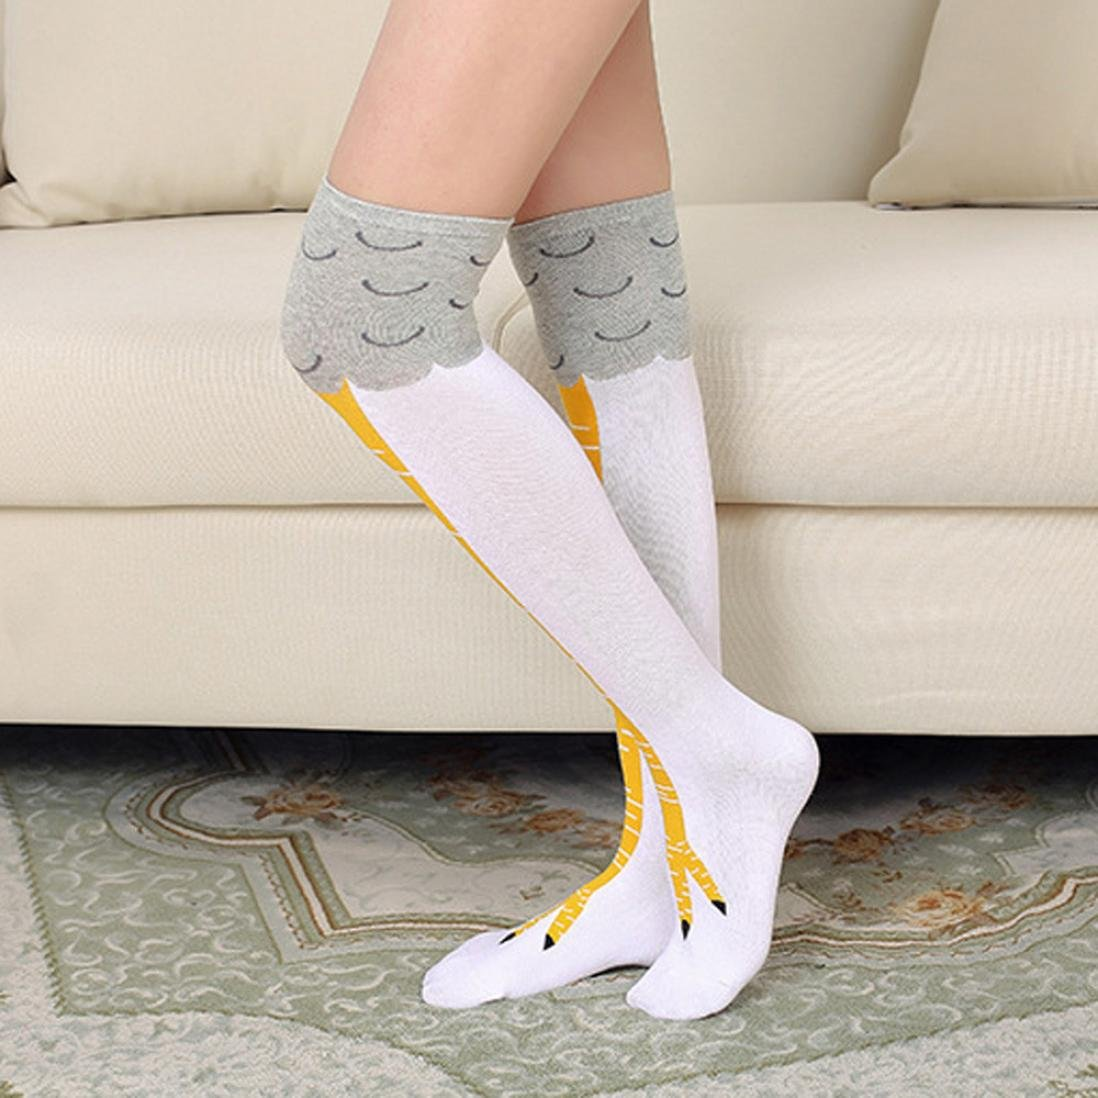 Quartly Women Girl Chicken High Socks Leggings Over the Knee Knit Socks Long Boot Warm Stockings